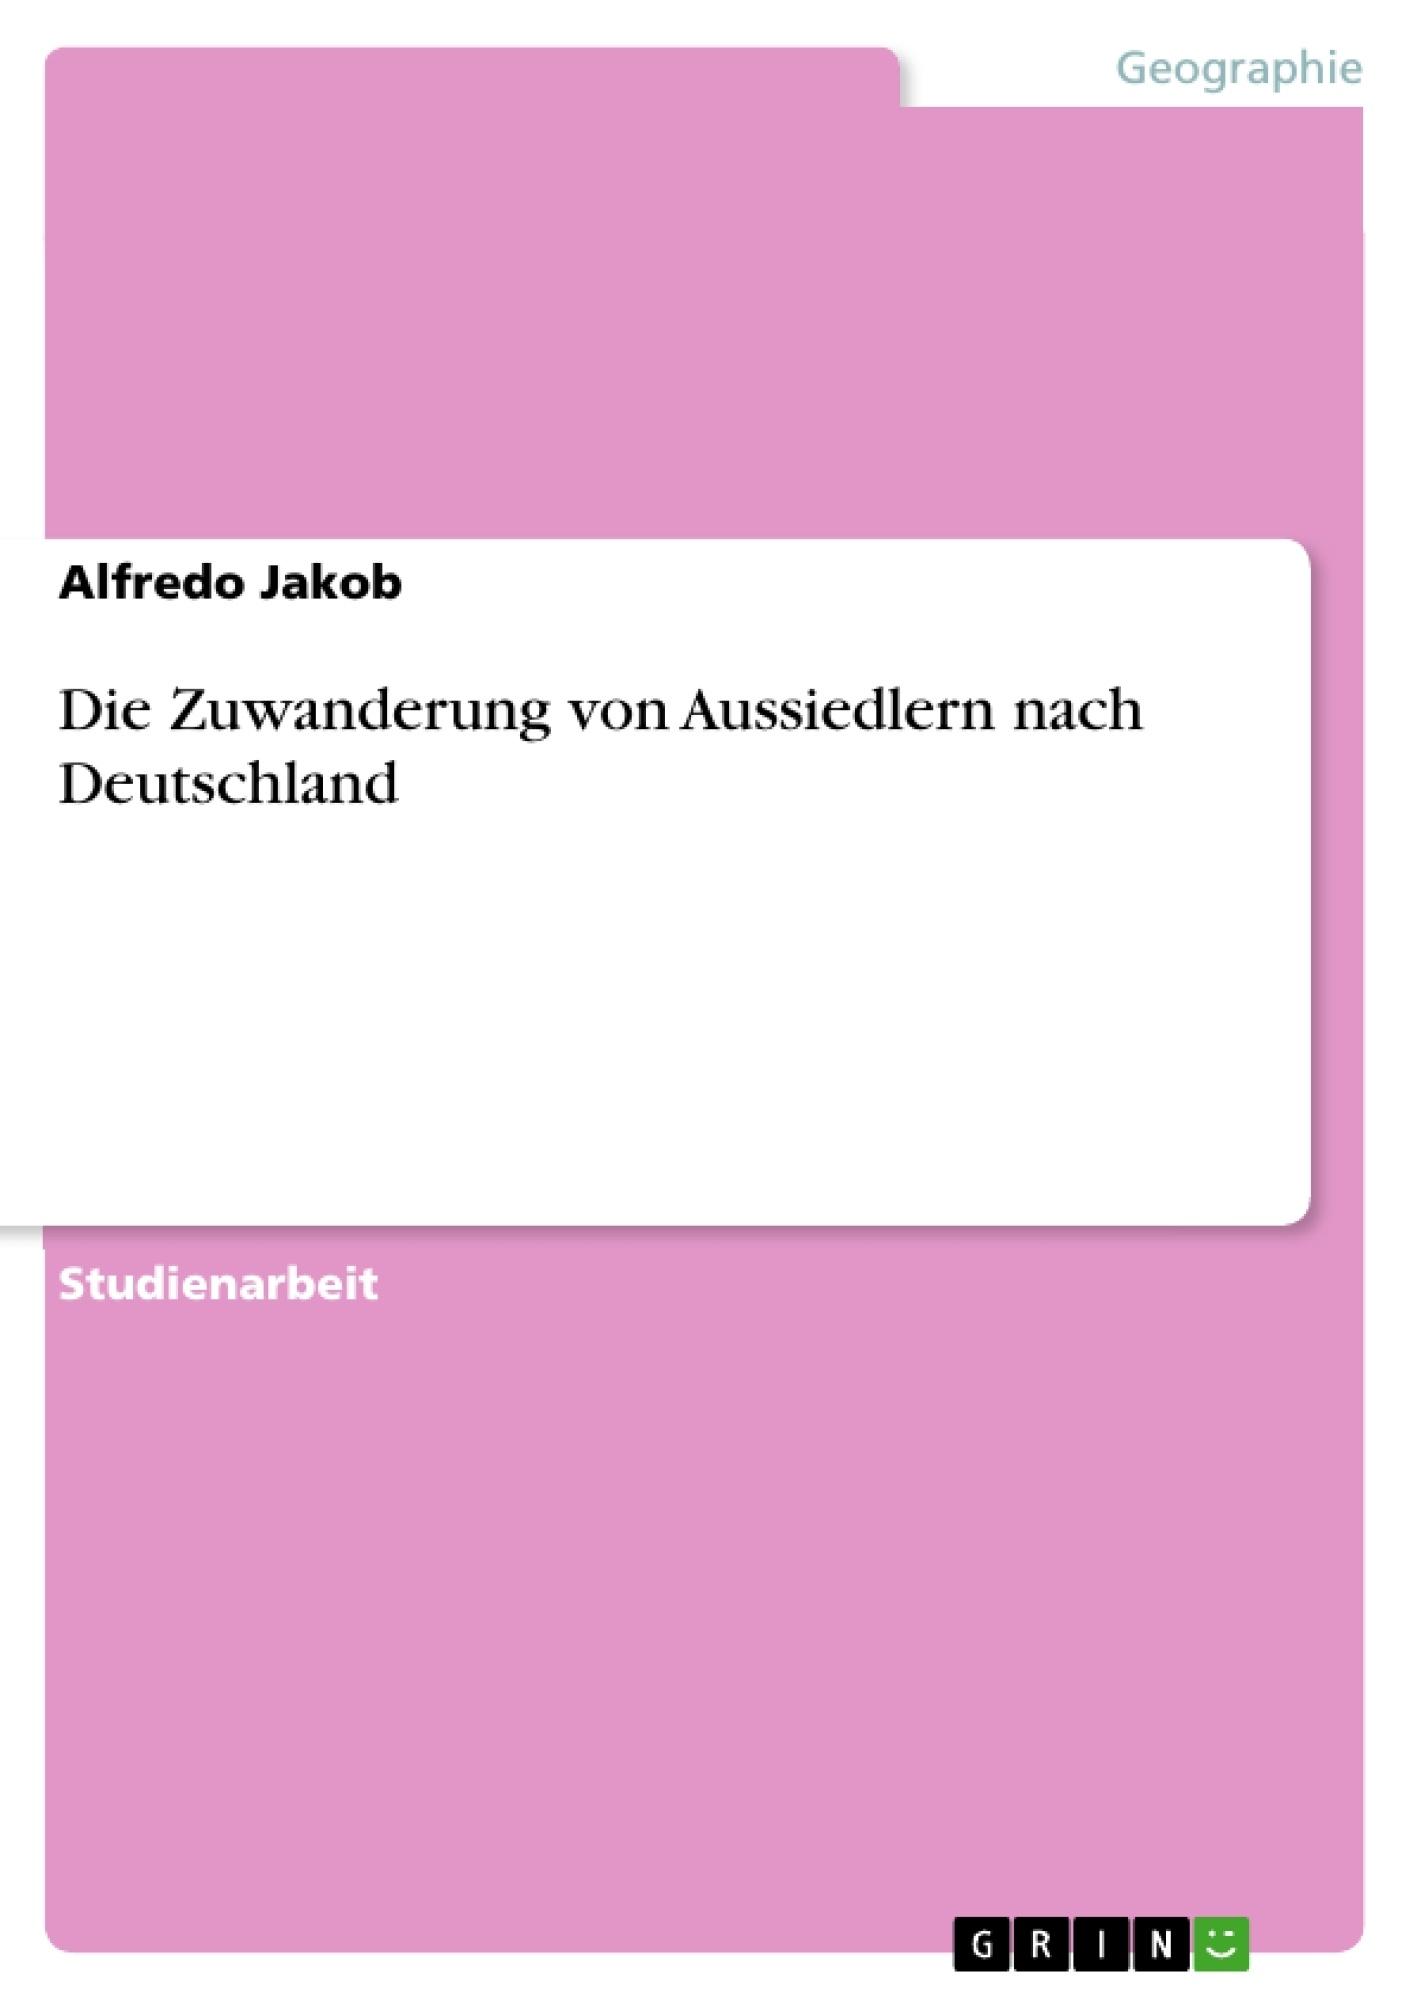 Titel: Die Zuwanderung von Aussiedlern nach Deutschland